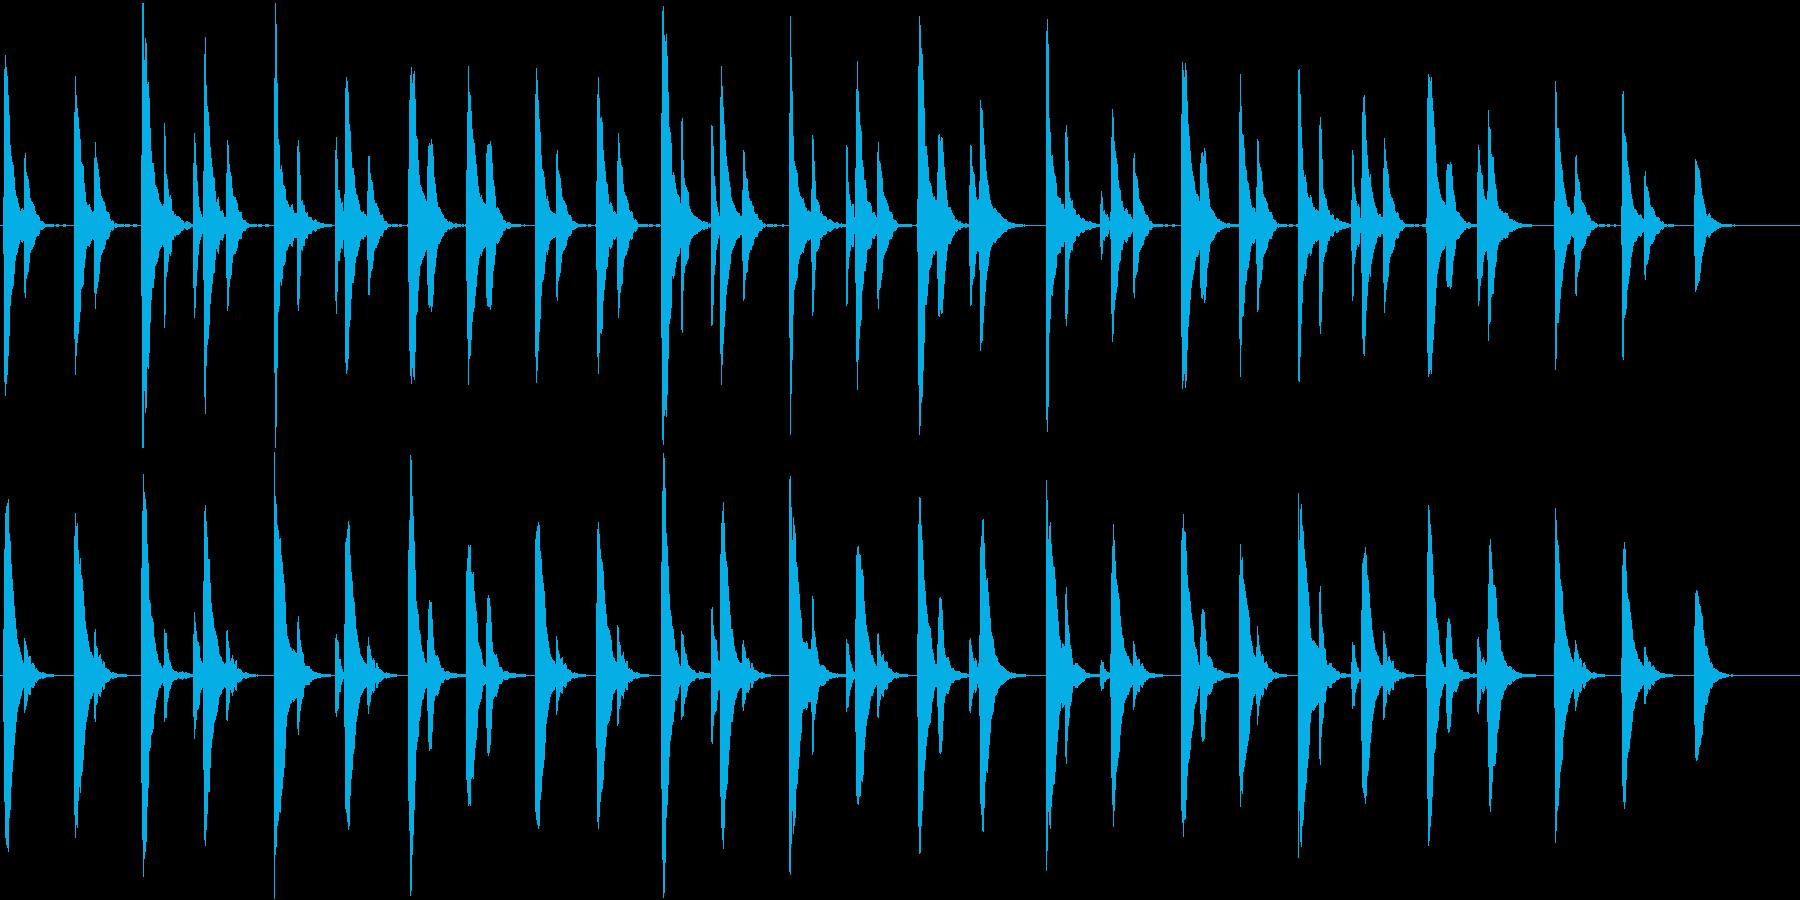 マリンバを使用した穏やかなアンビエントの再生済みの波形